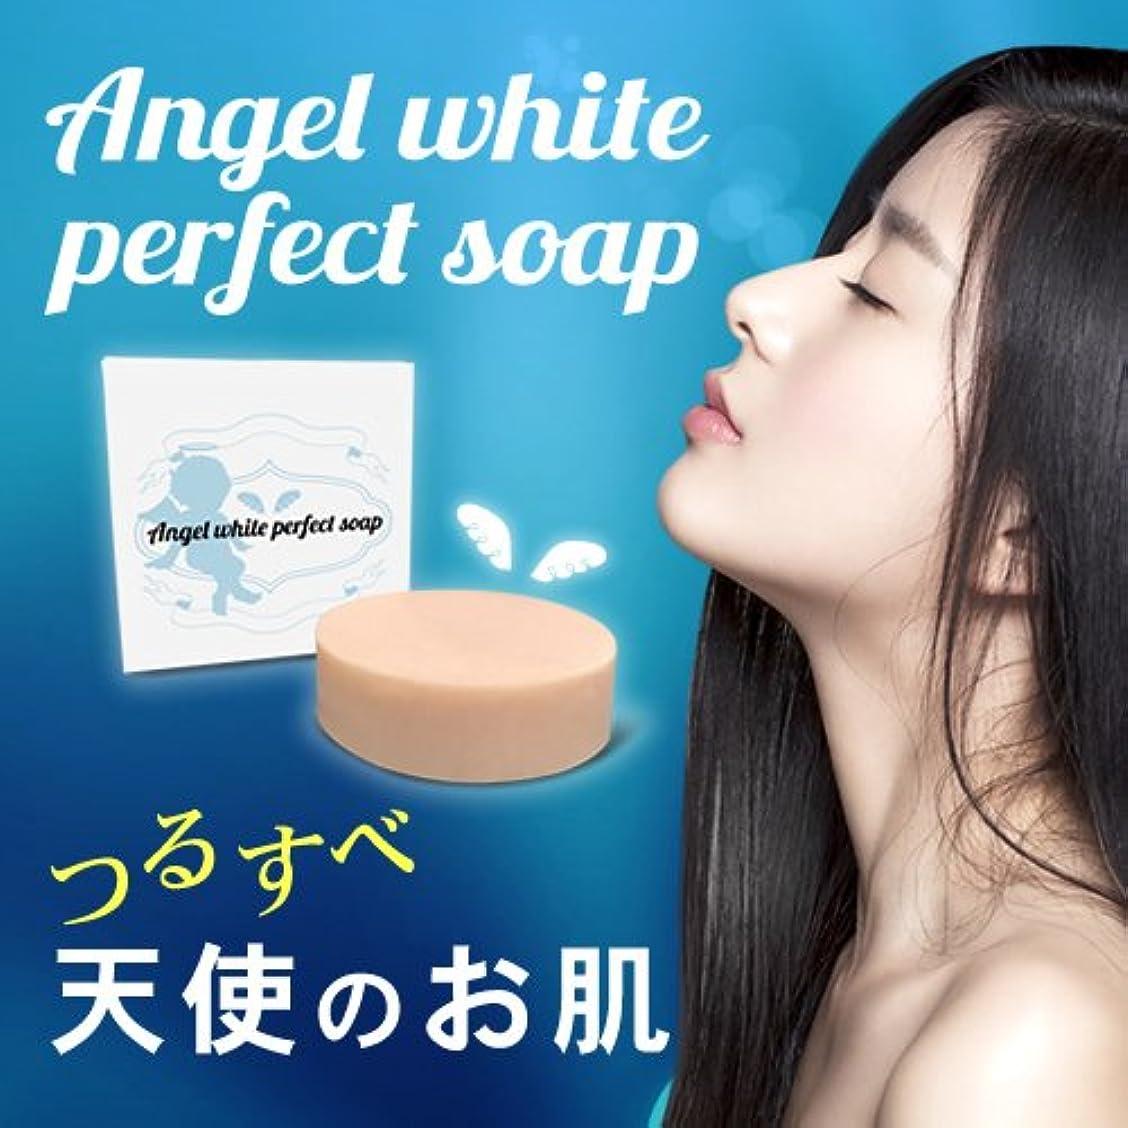 苛性結婚引き出すAngel White Perfect Soap(エンジェルホワイトパーフェクトソープ) 美白 美白石けん 美肌 洗顔石鹸